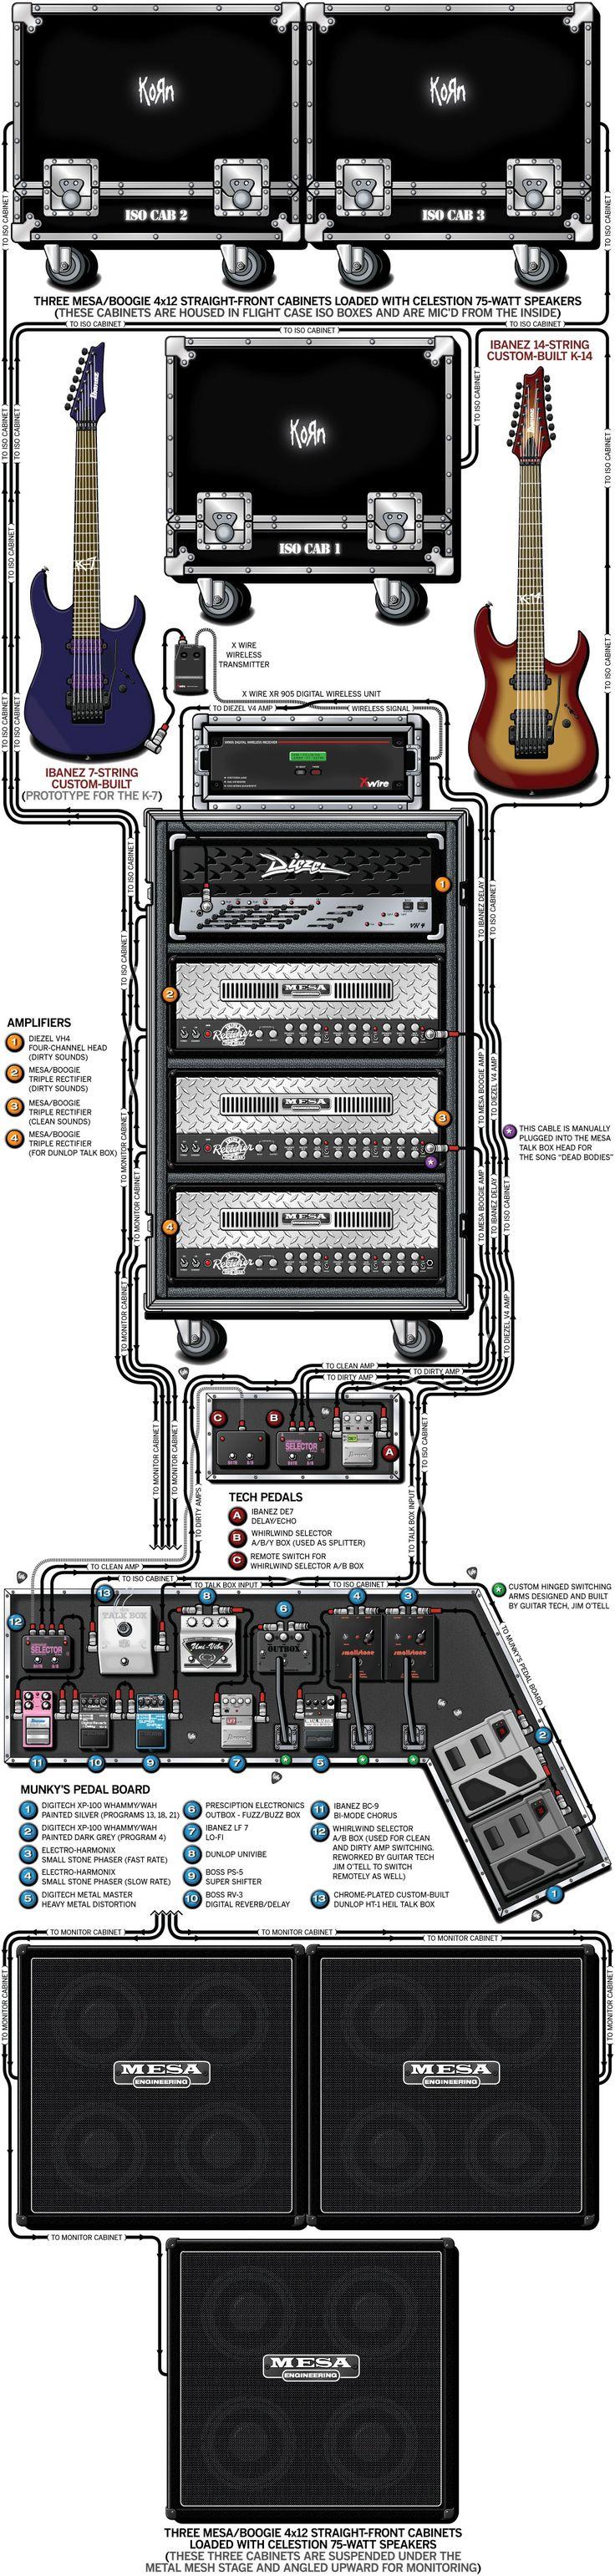 Ibanez Egen18 Wiring Diagram : Herman li wiring diagram friendship bracelet diagrams